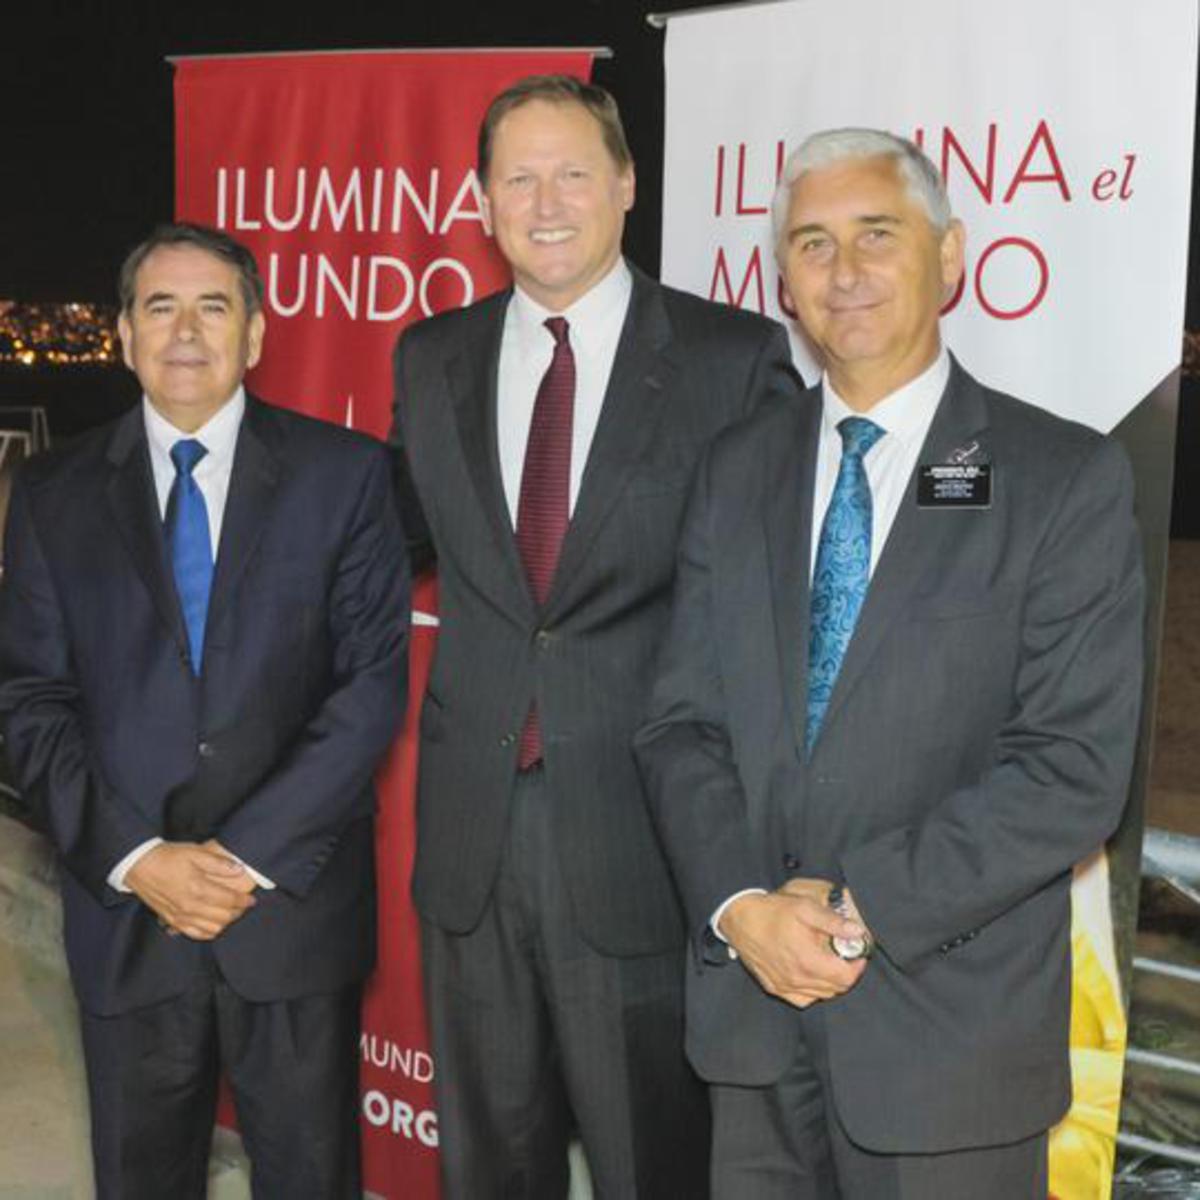 Ilumina_Mundo-184.jpg